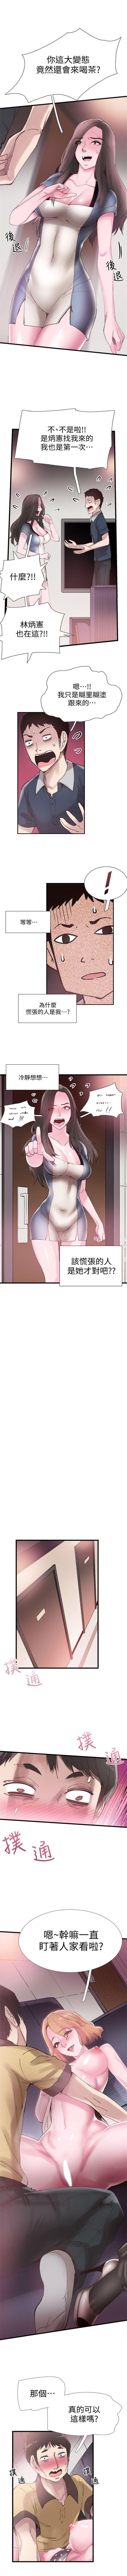 校园live秀 1-20 中文翻译(更新中) 52